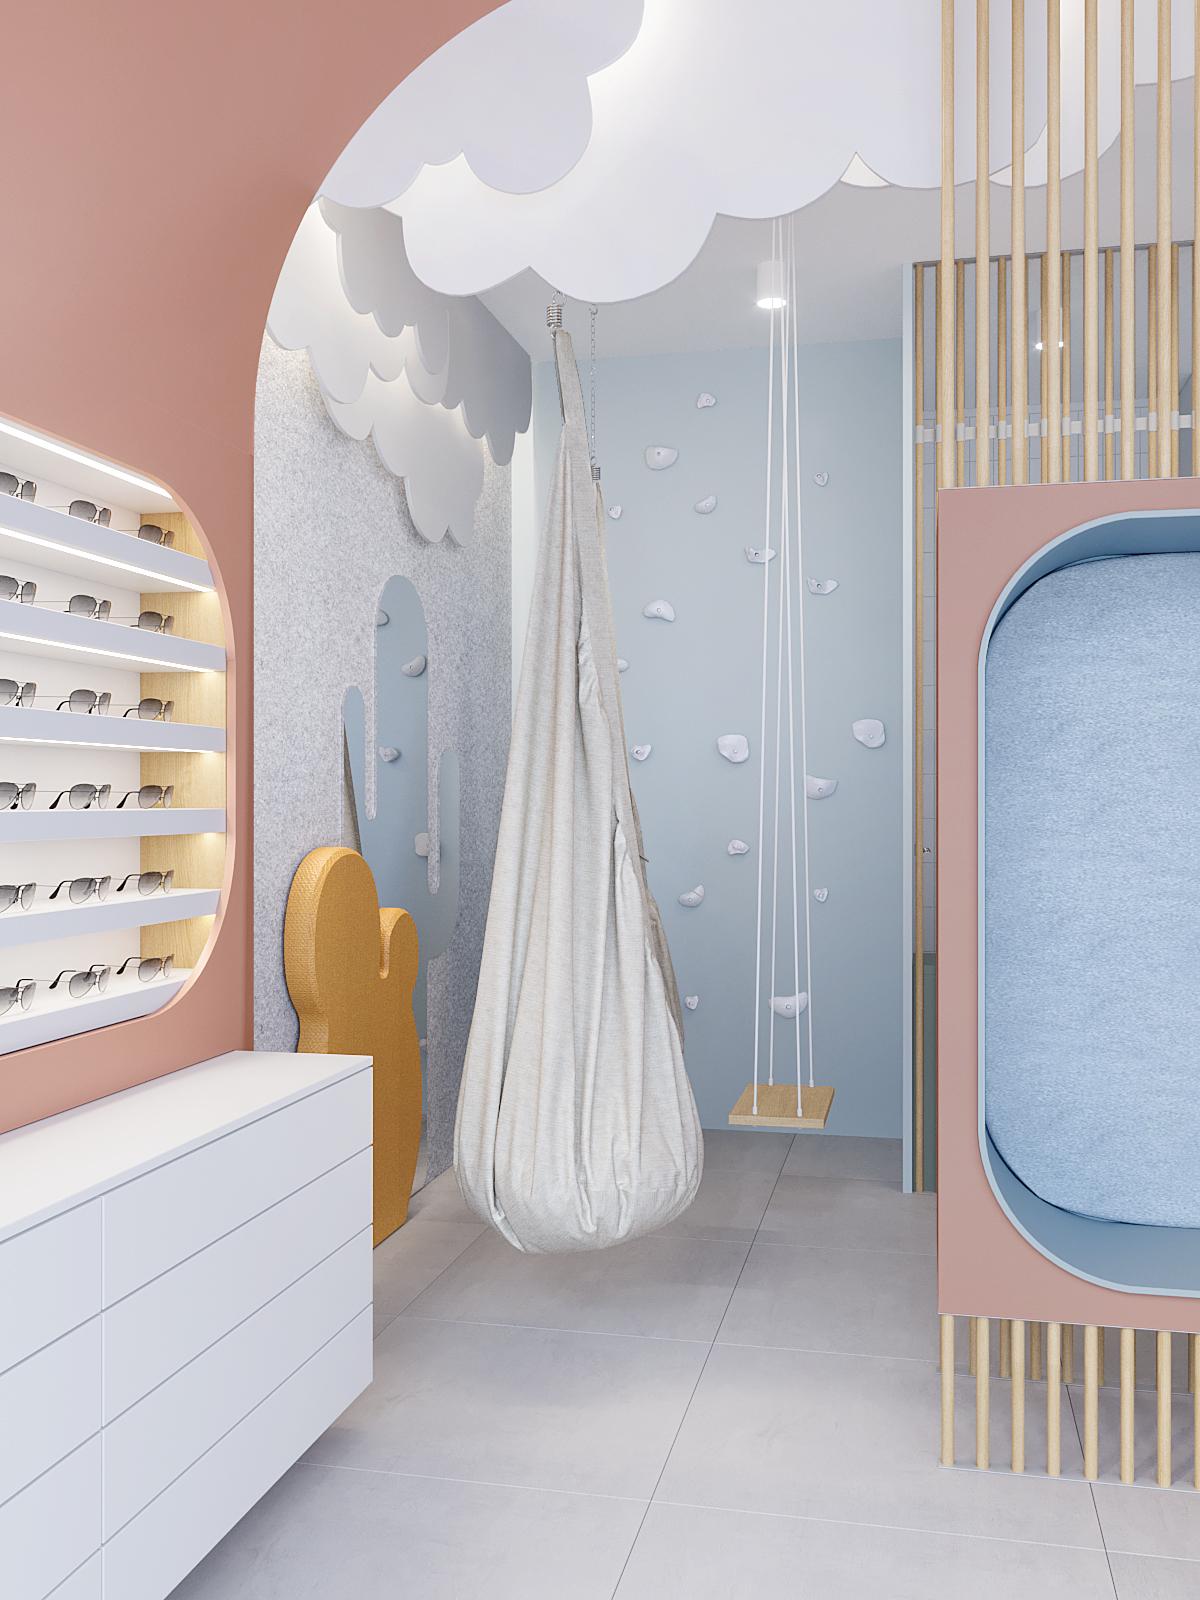 9 architekt wnetrz K099 optyk Strozik Bytom kacik dla dzieci dekoracyjne chmury na suficie siedzisko tapicerowane hustwka zolty kaktus na scianie